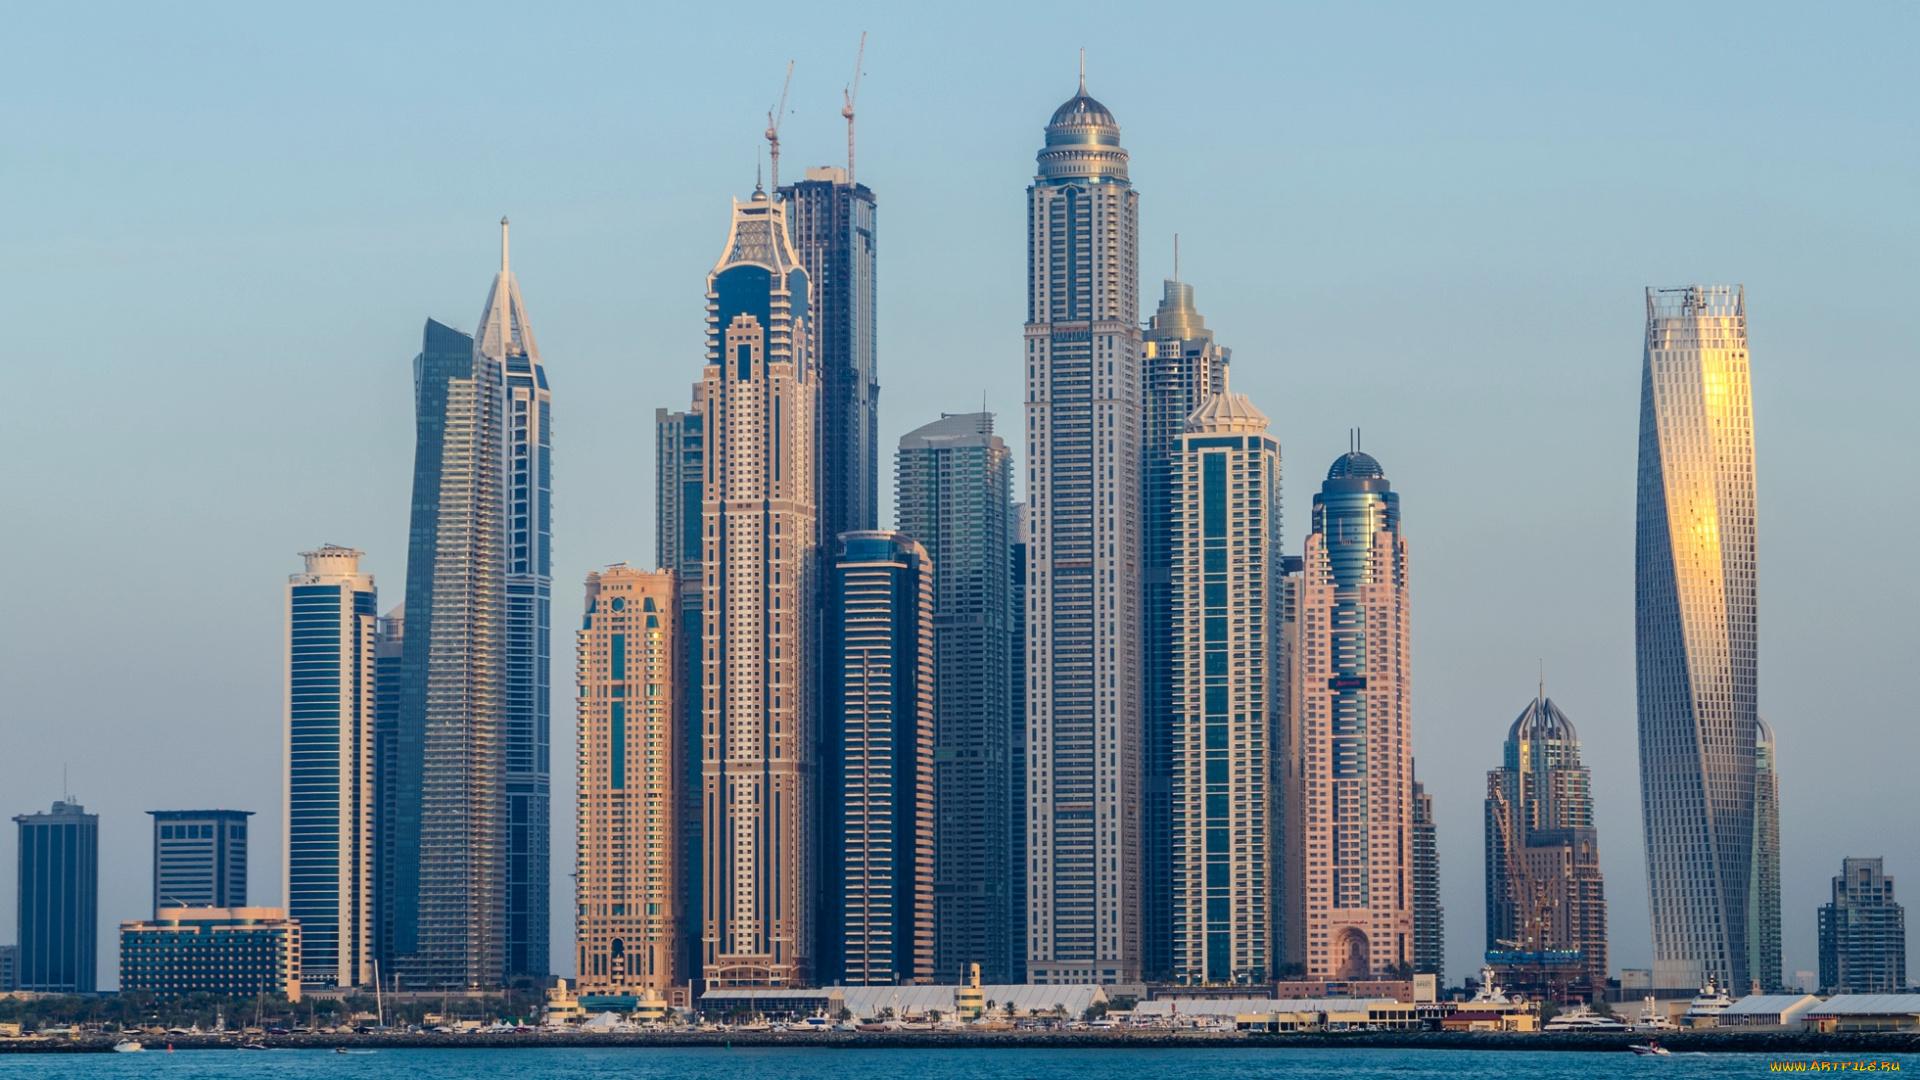 город ОАЭ дубаи-марина небоскреб высота скачать